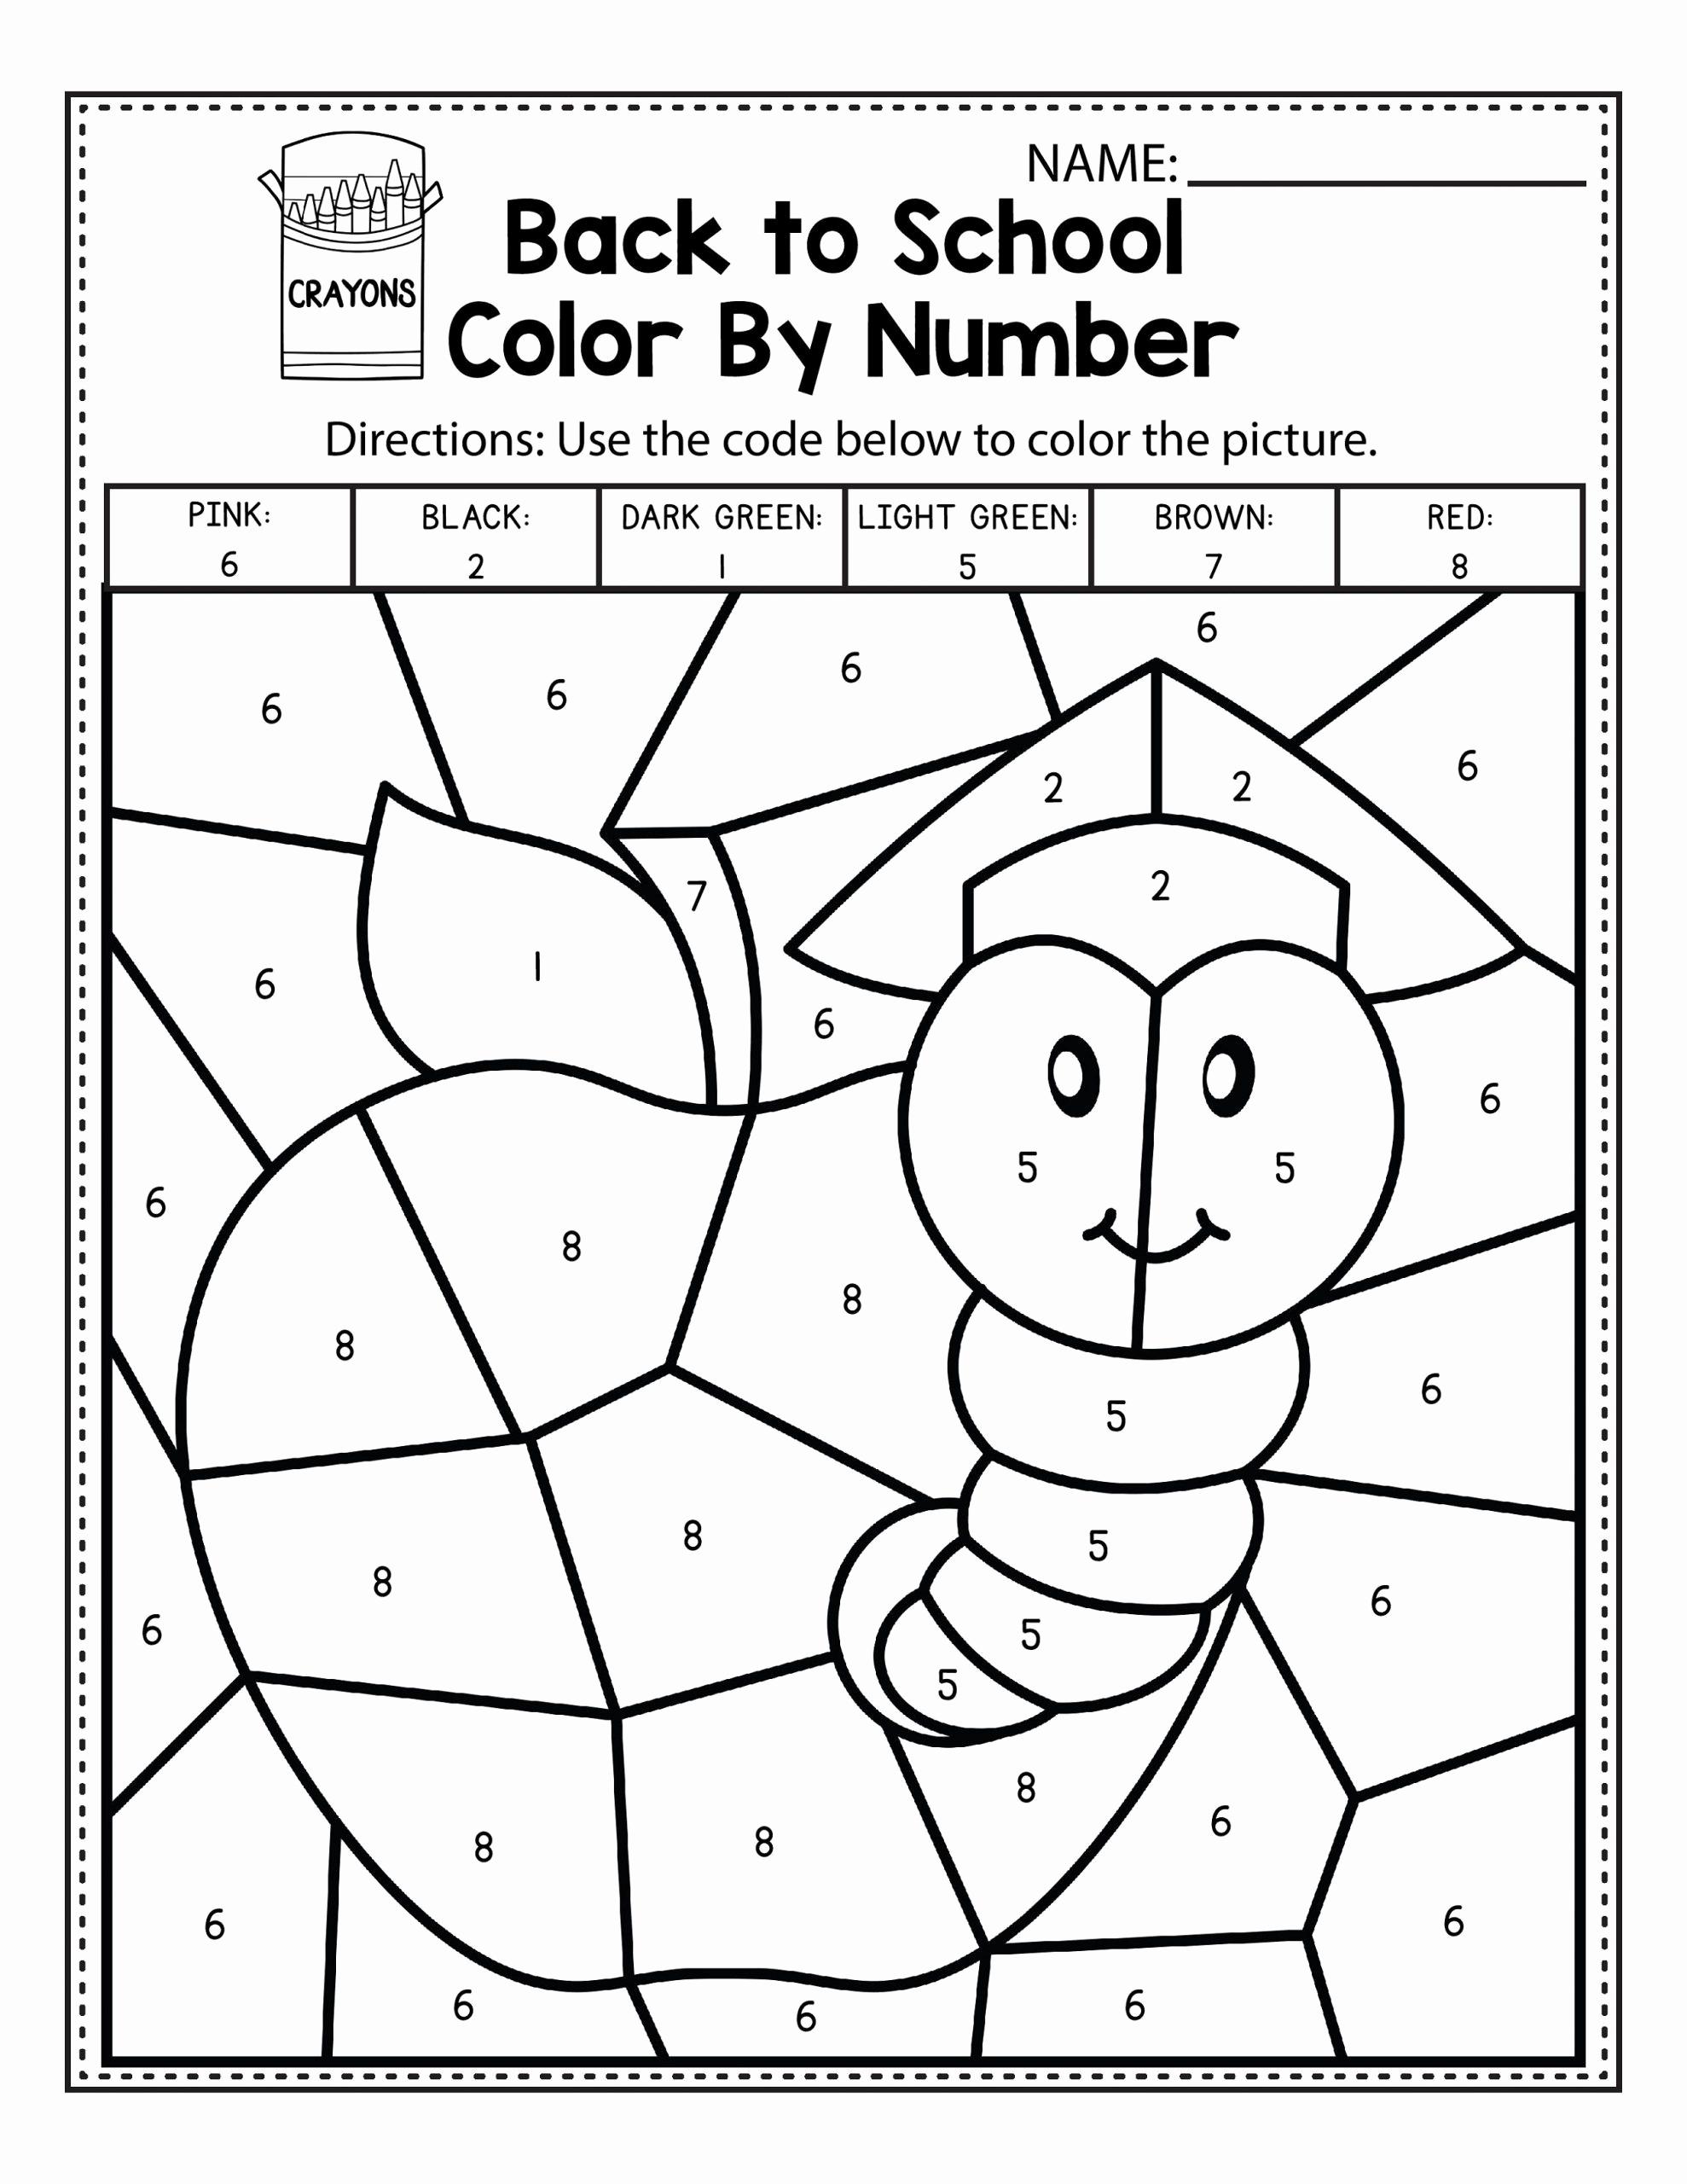 Kindergarten Color by Number Worksheets New Easy Color by Number Worksheets for Kindergarten